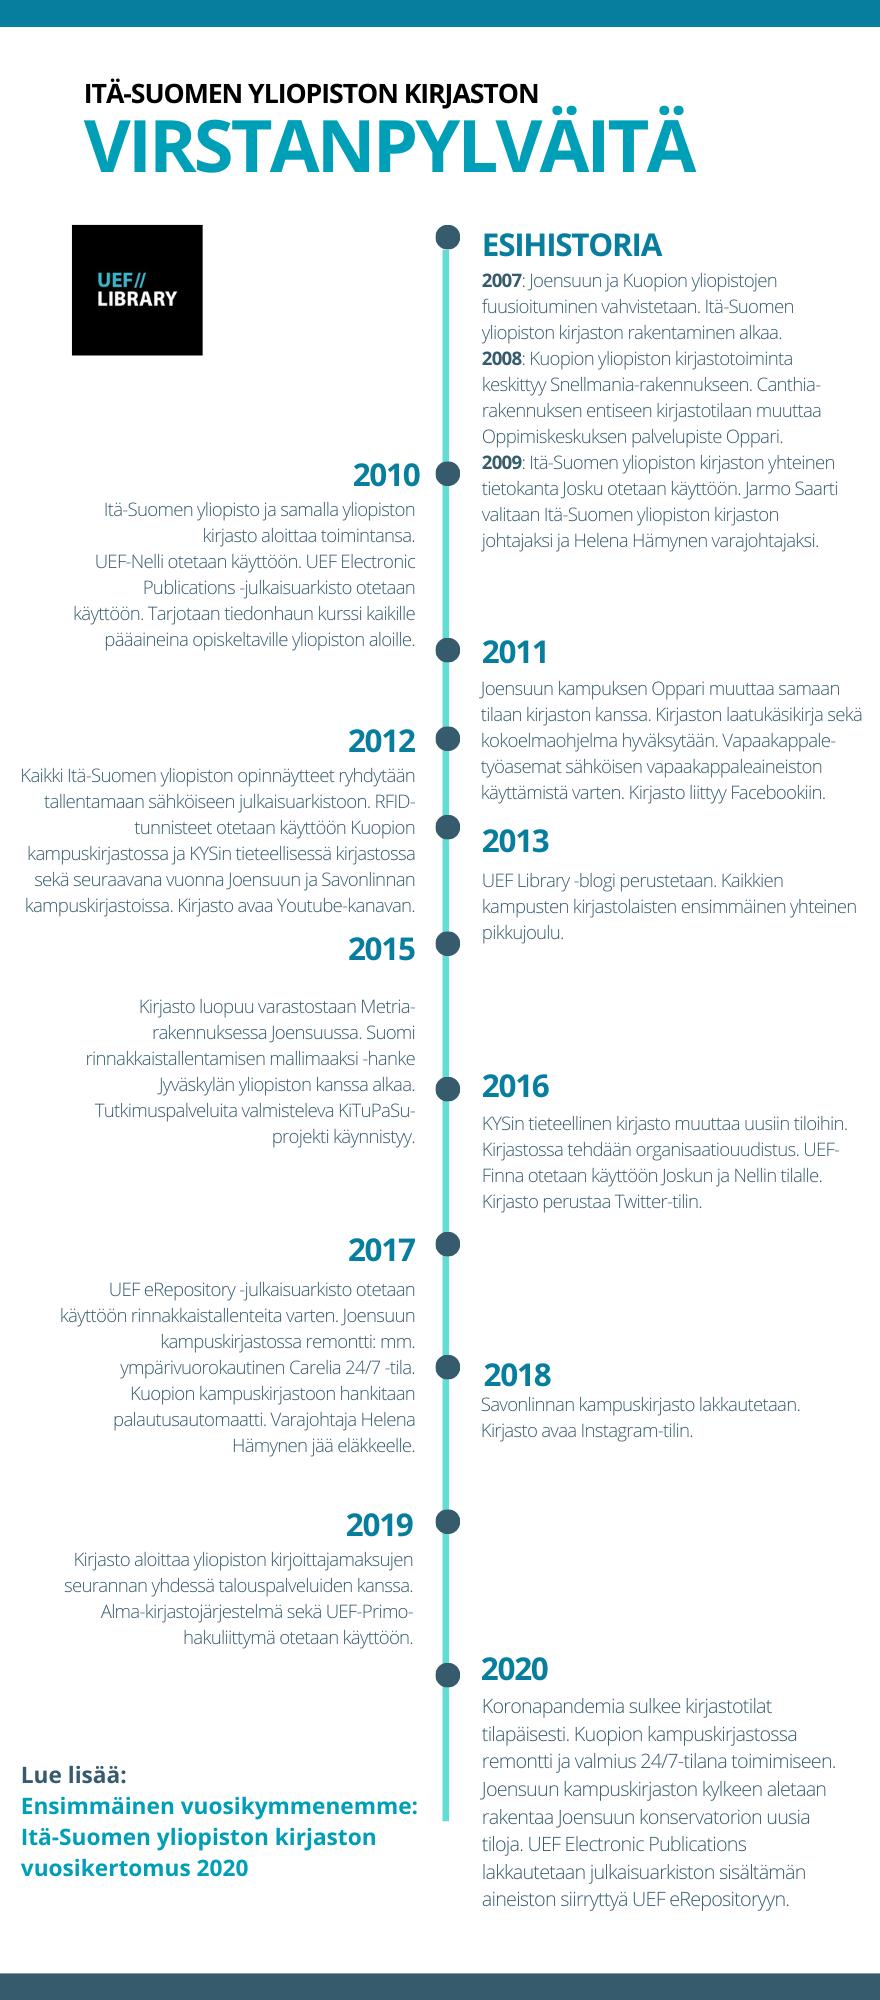 ITÄ-SUOMEN YLIOPISTON KIRJASTON VIRSTANPYLVÄITÄ 2007-2020 2007 Joensuun ja Kuopion yliopistojen fuusioituminen vahvistetaan. Itä-Suomen yliopiston kirjaston rakentaminen alkaa. 2008 Kuopion yliopiston kirjastotoiminta keskittyy Snellmania-rakennukseen. Canthia-rakennuksen entiseen kirjastotilaan muuttaa Oppimiskeskuksen palvelupiste Oppari. 2009 Itä-Suomen yliopiston kirjaston yhteinen tietokanta Josku otetaan käyttöön. Jarmo Saarti valitaan Itä-Suomen yliopiston kirjaston johtajaksi ja Helena Hämynen varajohtajaksi. 2010 Itä-Suomen yliopisto ja samalla yliopiston kirjasto aloittaa toimintansa virallisesti 1. tammikuuta. UEF-Nelli otetaan käyttöön. UEF Electronic Publications -julkaisuarkisto otetaan käyttöön. Tarjotaan tiedonhaun kurssi kaikille pääaineina opiskeltaville yliopiston aloille. 2011 Joensuun kampuksen Oppari muuttaa samaan tilaan kirjaston kanssa. Kirjaston laatukäsikirja sekä kokoelmaohjelma hyväksytään. Vapaakappaletyöasemat sähköisen vapaakappaleaineiston käyttämistä varten. Kirjasto liittyy Facebookiin. 2012 Kaikki Itä-Suomen yliopiston opinnäytteet ryhdytään tallentamaan sähköiseen julkaisuarkistoon. RFID-tunnisteet otetaan käyttöön Kuopion kampuskirjastossa ja KYSin tieteellisessä kirjastossa sekä seuraavana vuonna Joensuun ja Savonlinnan kampuskirjastoissa. Kirjasto avaa Youtube-kanavan. 2013 UEF Library -blogi perustetaan. Kaikkien kampusten kirjastolaisten ensimmäinen yhteinen pikkujoulu. 2015 Kirjasto luopuu Metria-rakennuksen varastosta Joensuussa. Suomi rinnakkaistallentamisen mallimaaksi -hanke Jyväskylän yliopiston kanssa alkaa. Tutkimuspalveluita valmisteleva KiTuPaSu-projekti käynnistyy. 2016 KYSin tieteellinen kirjasto muuttaa uusiin tiloihin. Kirjastossa tehdään organisaatiouudistus. UEF-Finna otetaan käyttöön Joskun ja Nellin tilalle. Kirjasto perustaa Twitter-tilin. 2017 UEF eRepository -julkaisuarkisto otetaan käyttöön rinnakkaistallenteita varten. Joensuun kampuskirjastossa remontti: mm. ympärivuorokautinen Carelia 24/7 -tila. Kuo